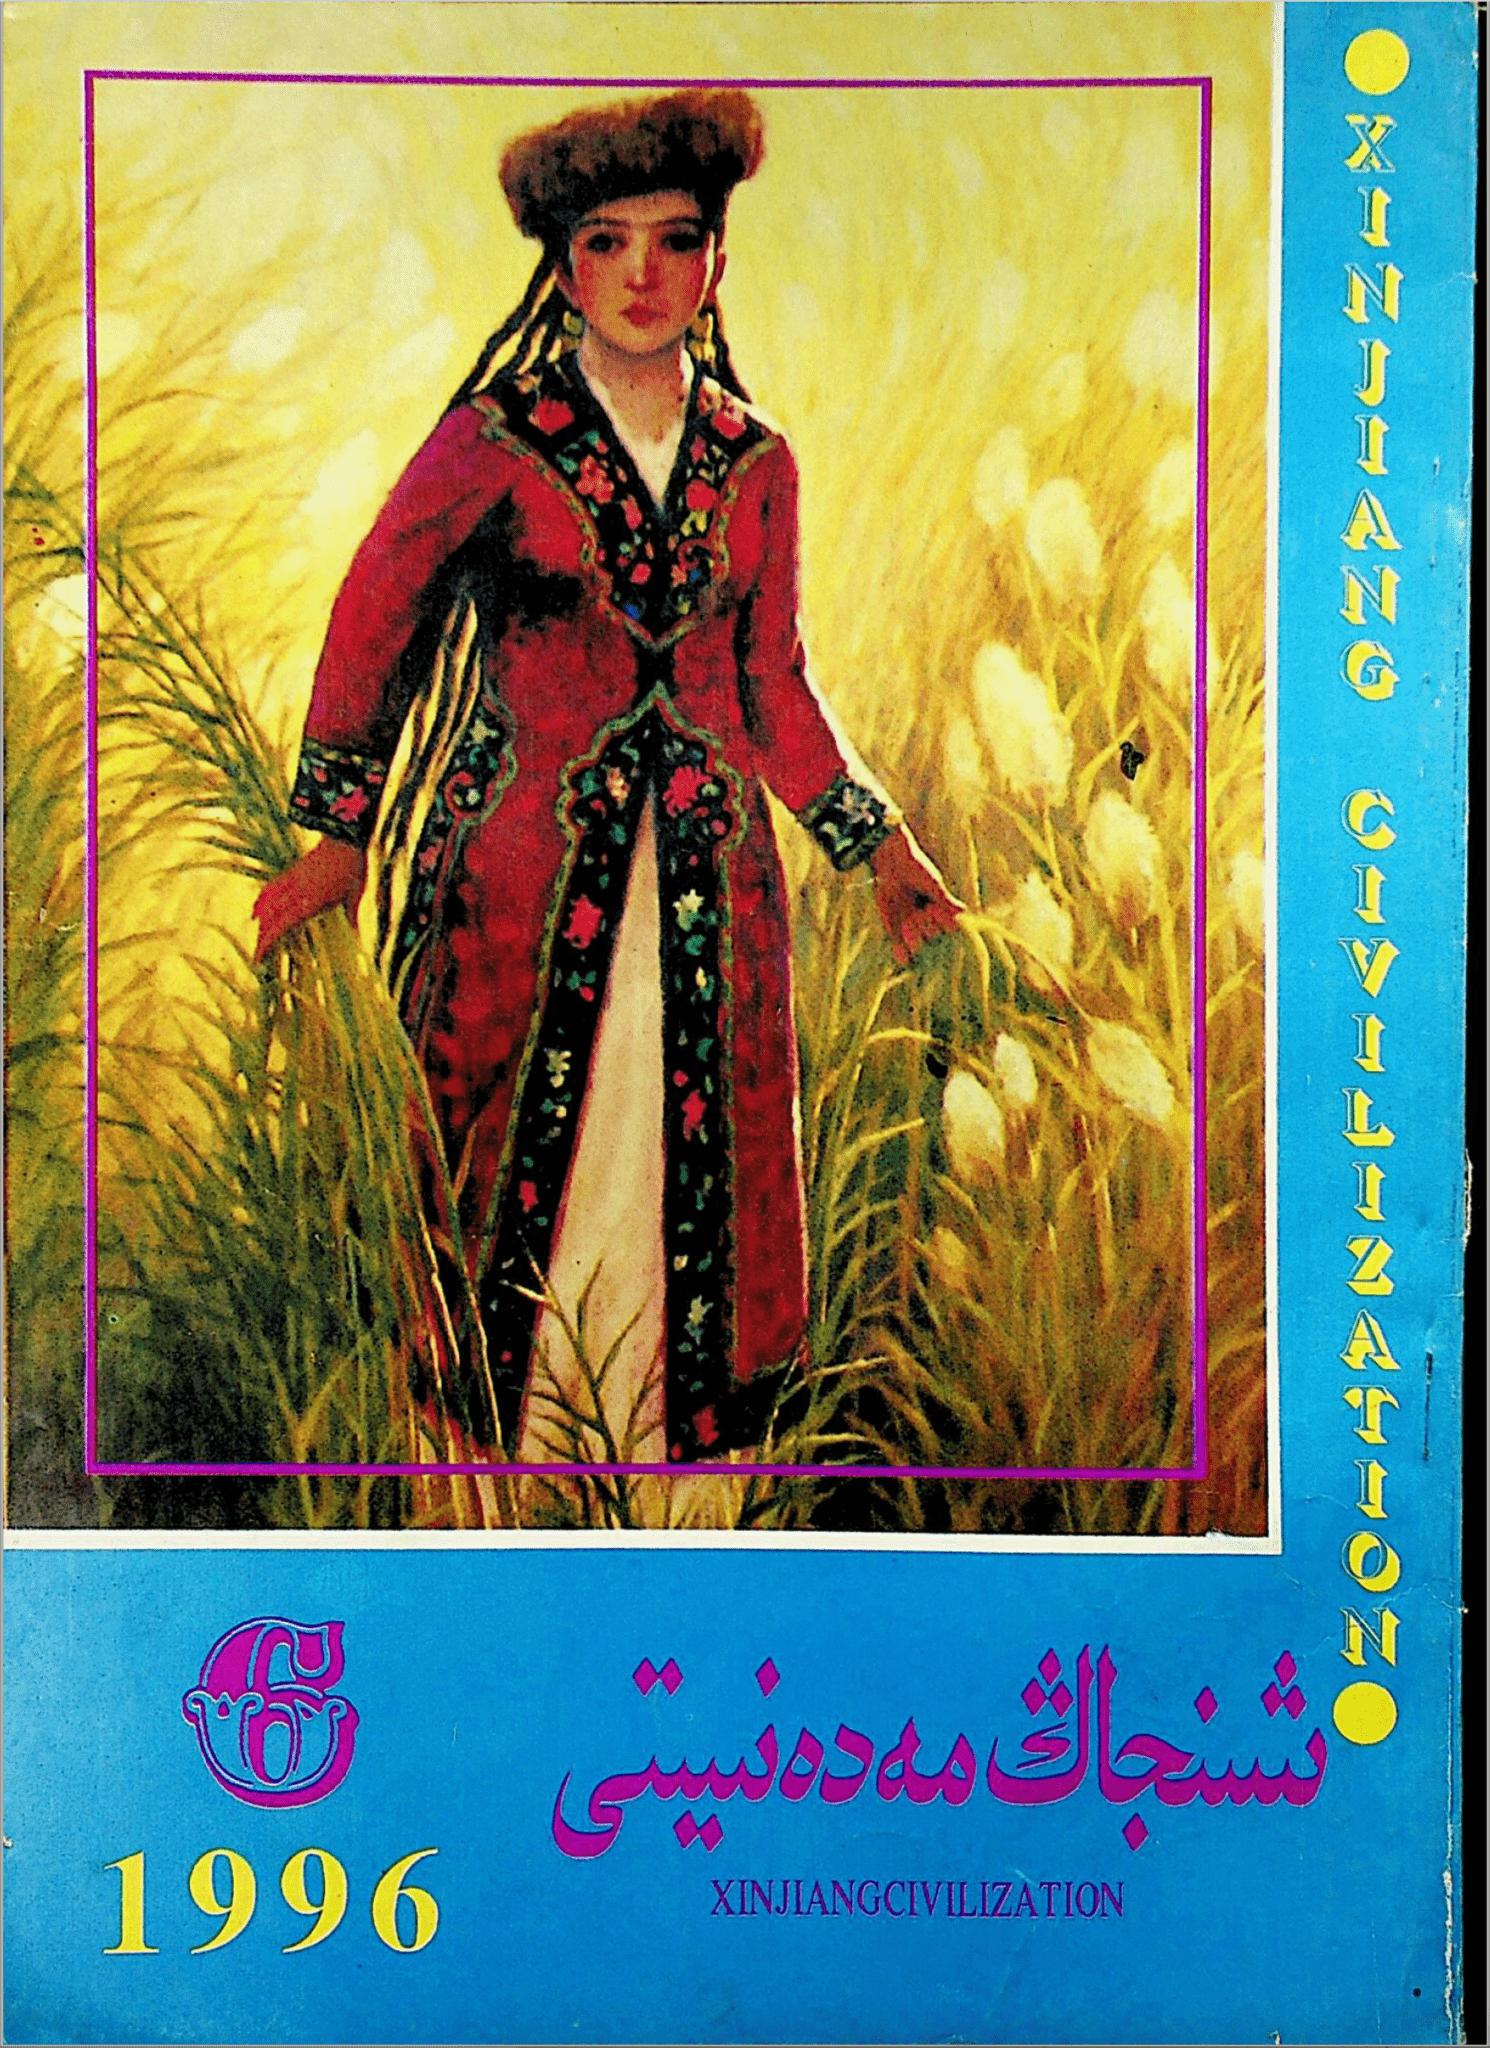 شىنجاڭ مەدەنىيىتى 1996-يىلى 6 -سان, ئېلكىتاب تورى